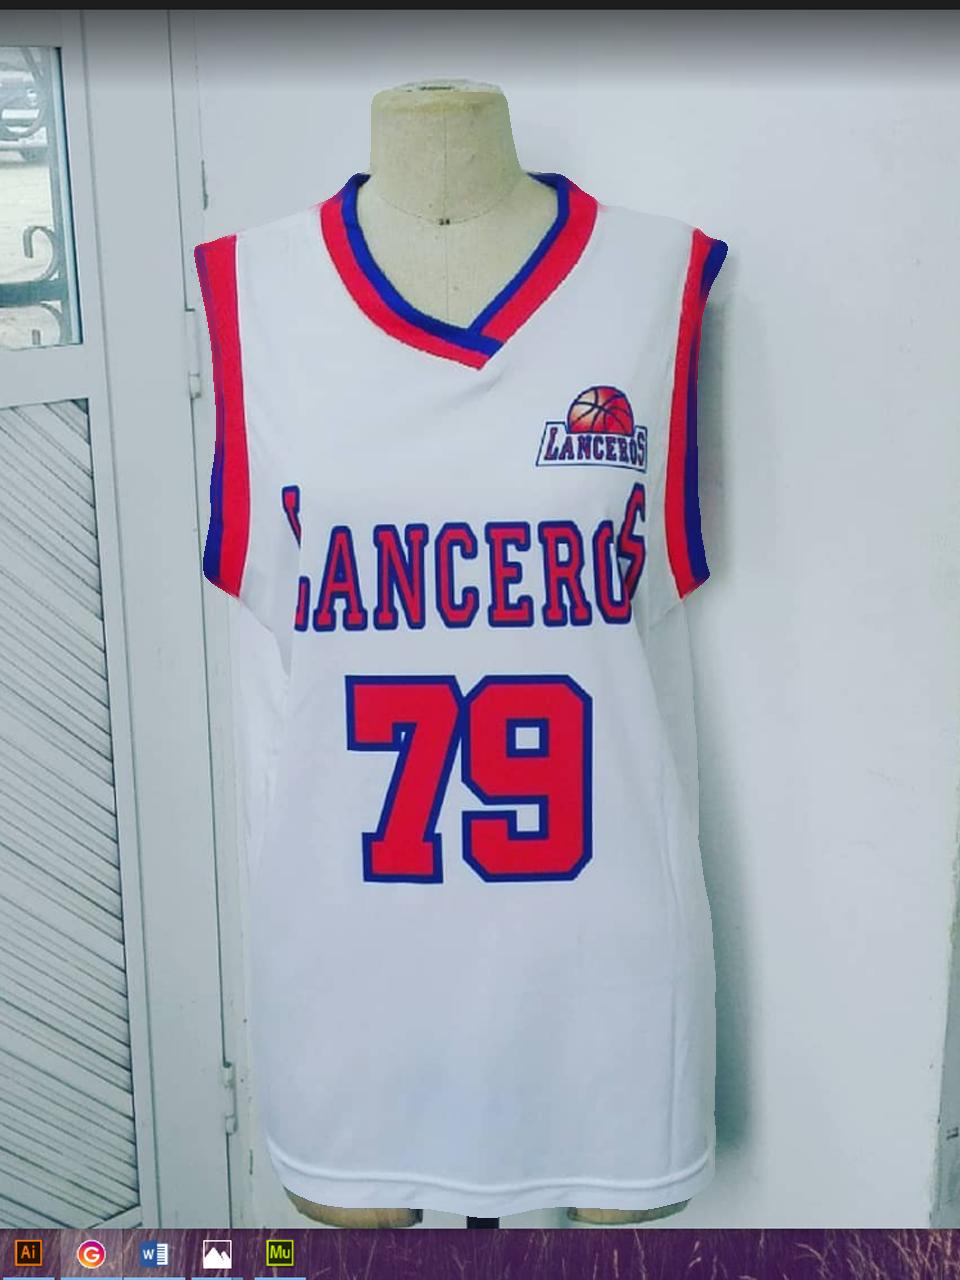 Lanceros Cartagena Uniformes de baloncesto, Cartagena